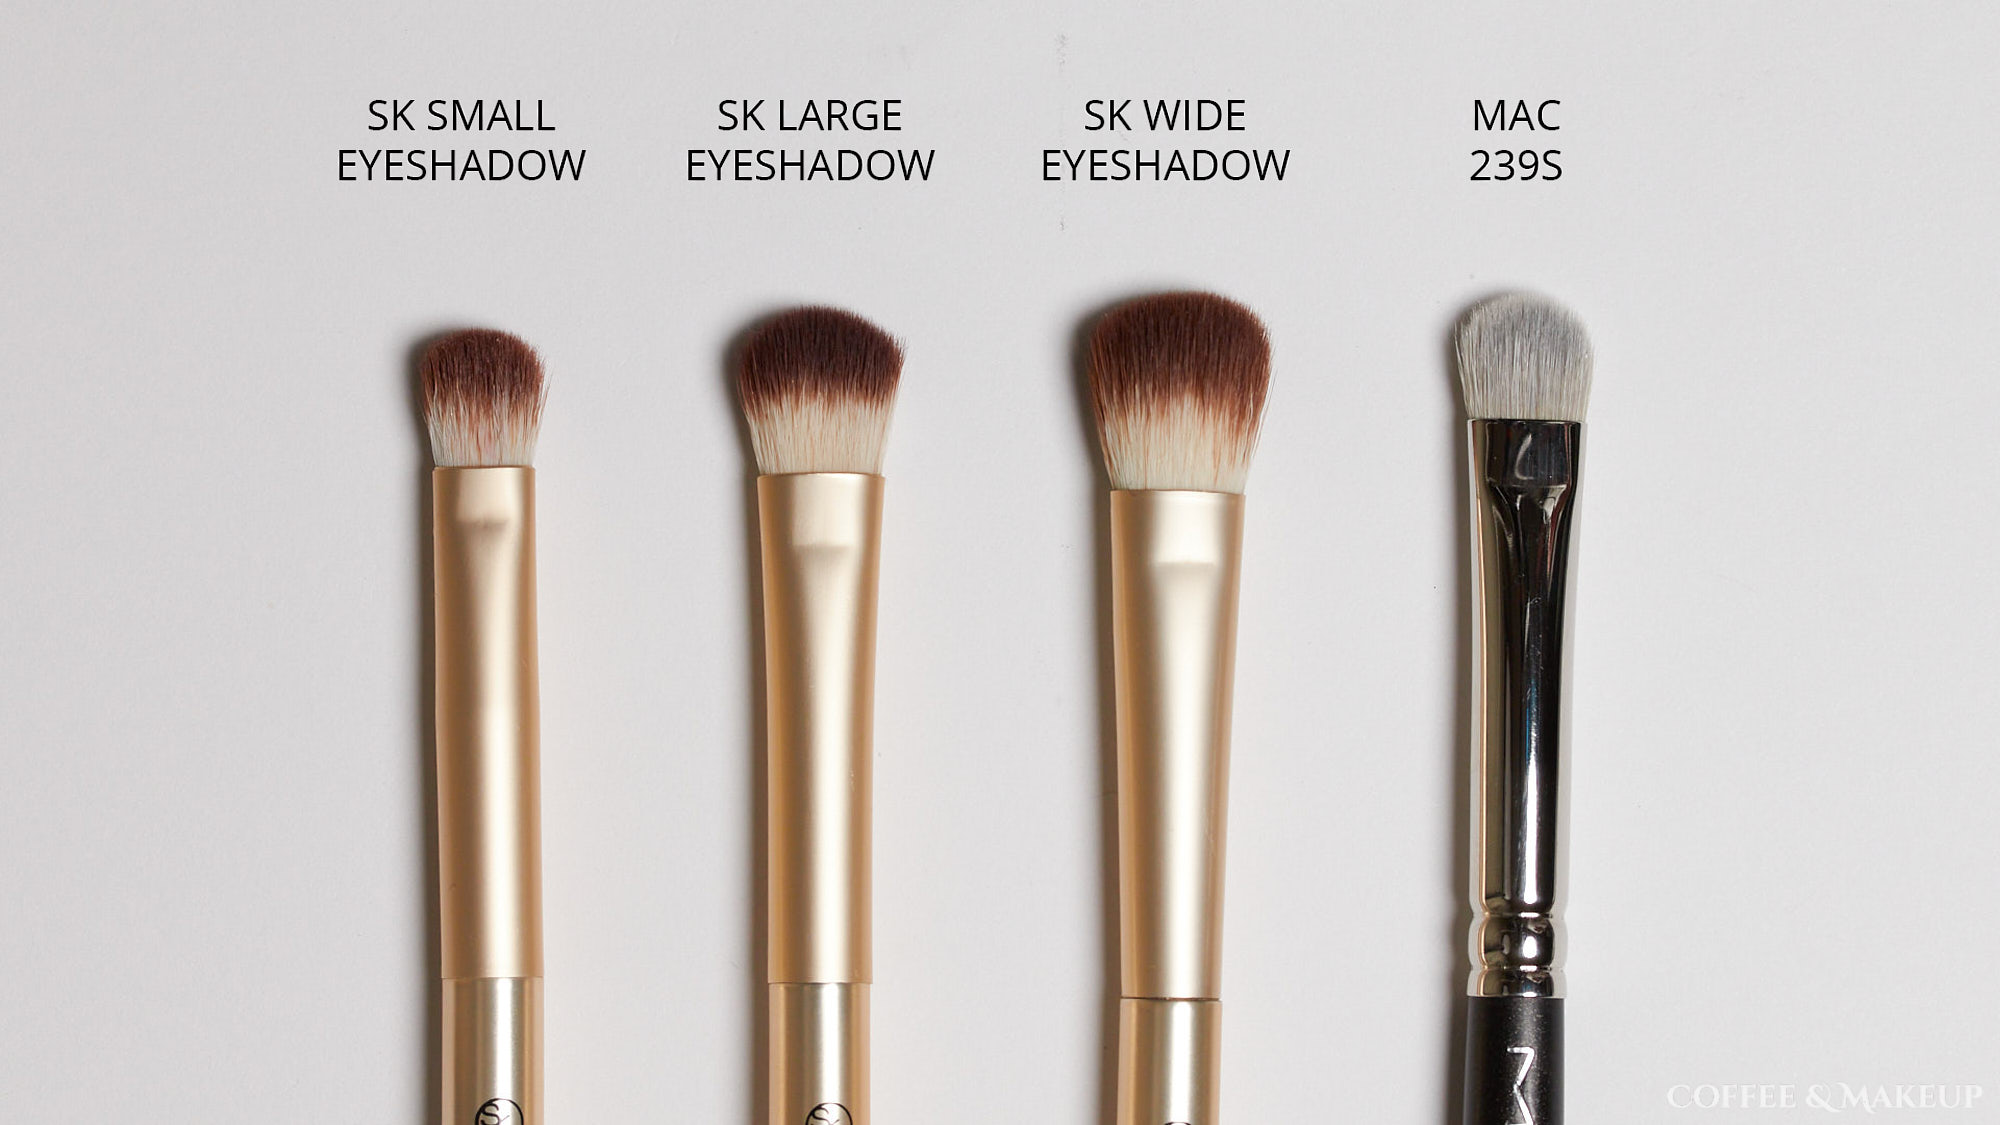 Sonia Kashuk Small Eyeshadow Brush Comparisons